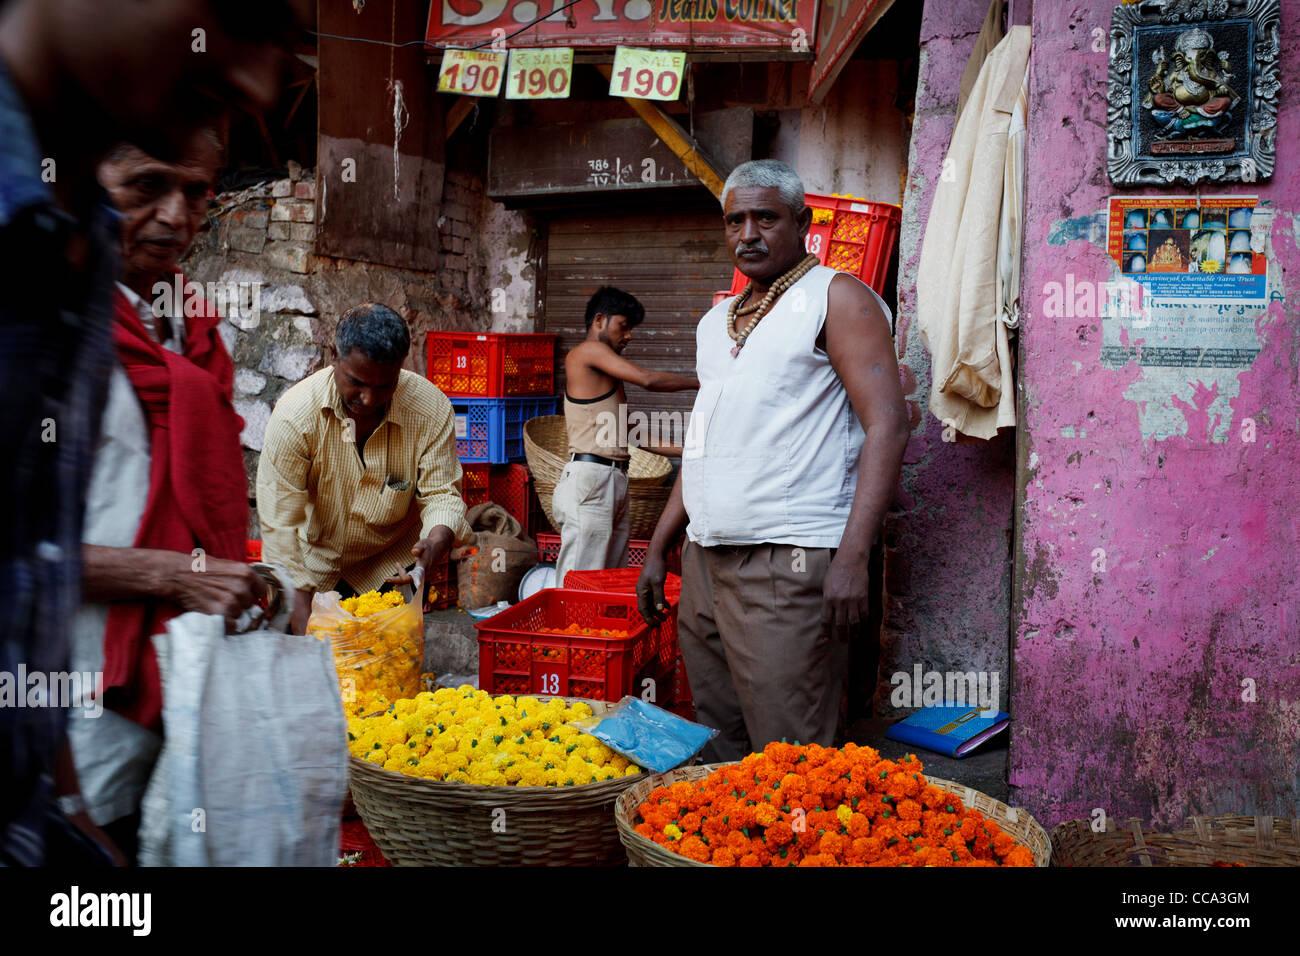 Flower Market Mumbai, Bombay India - Stock Image